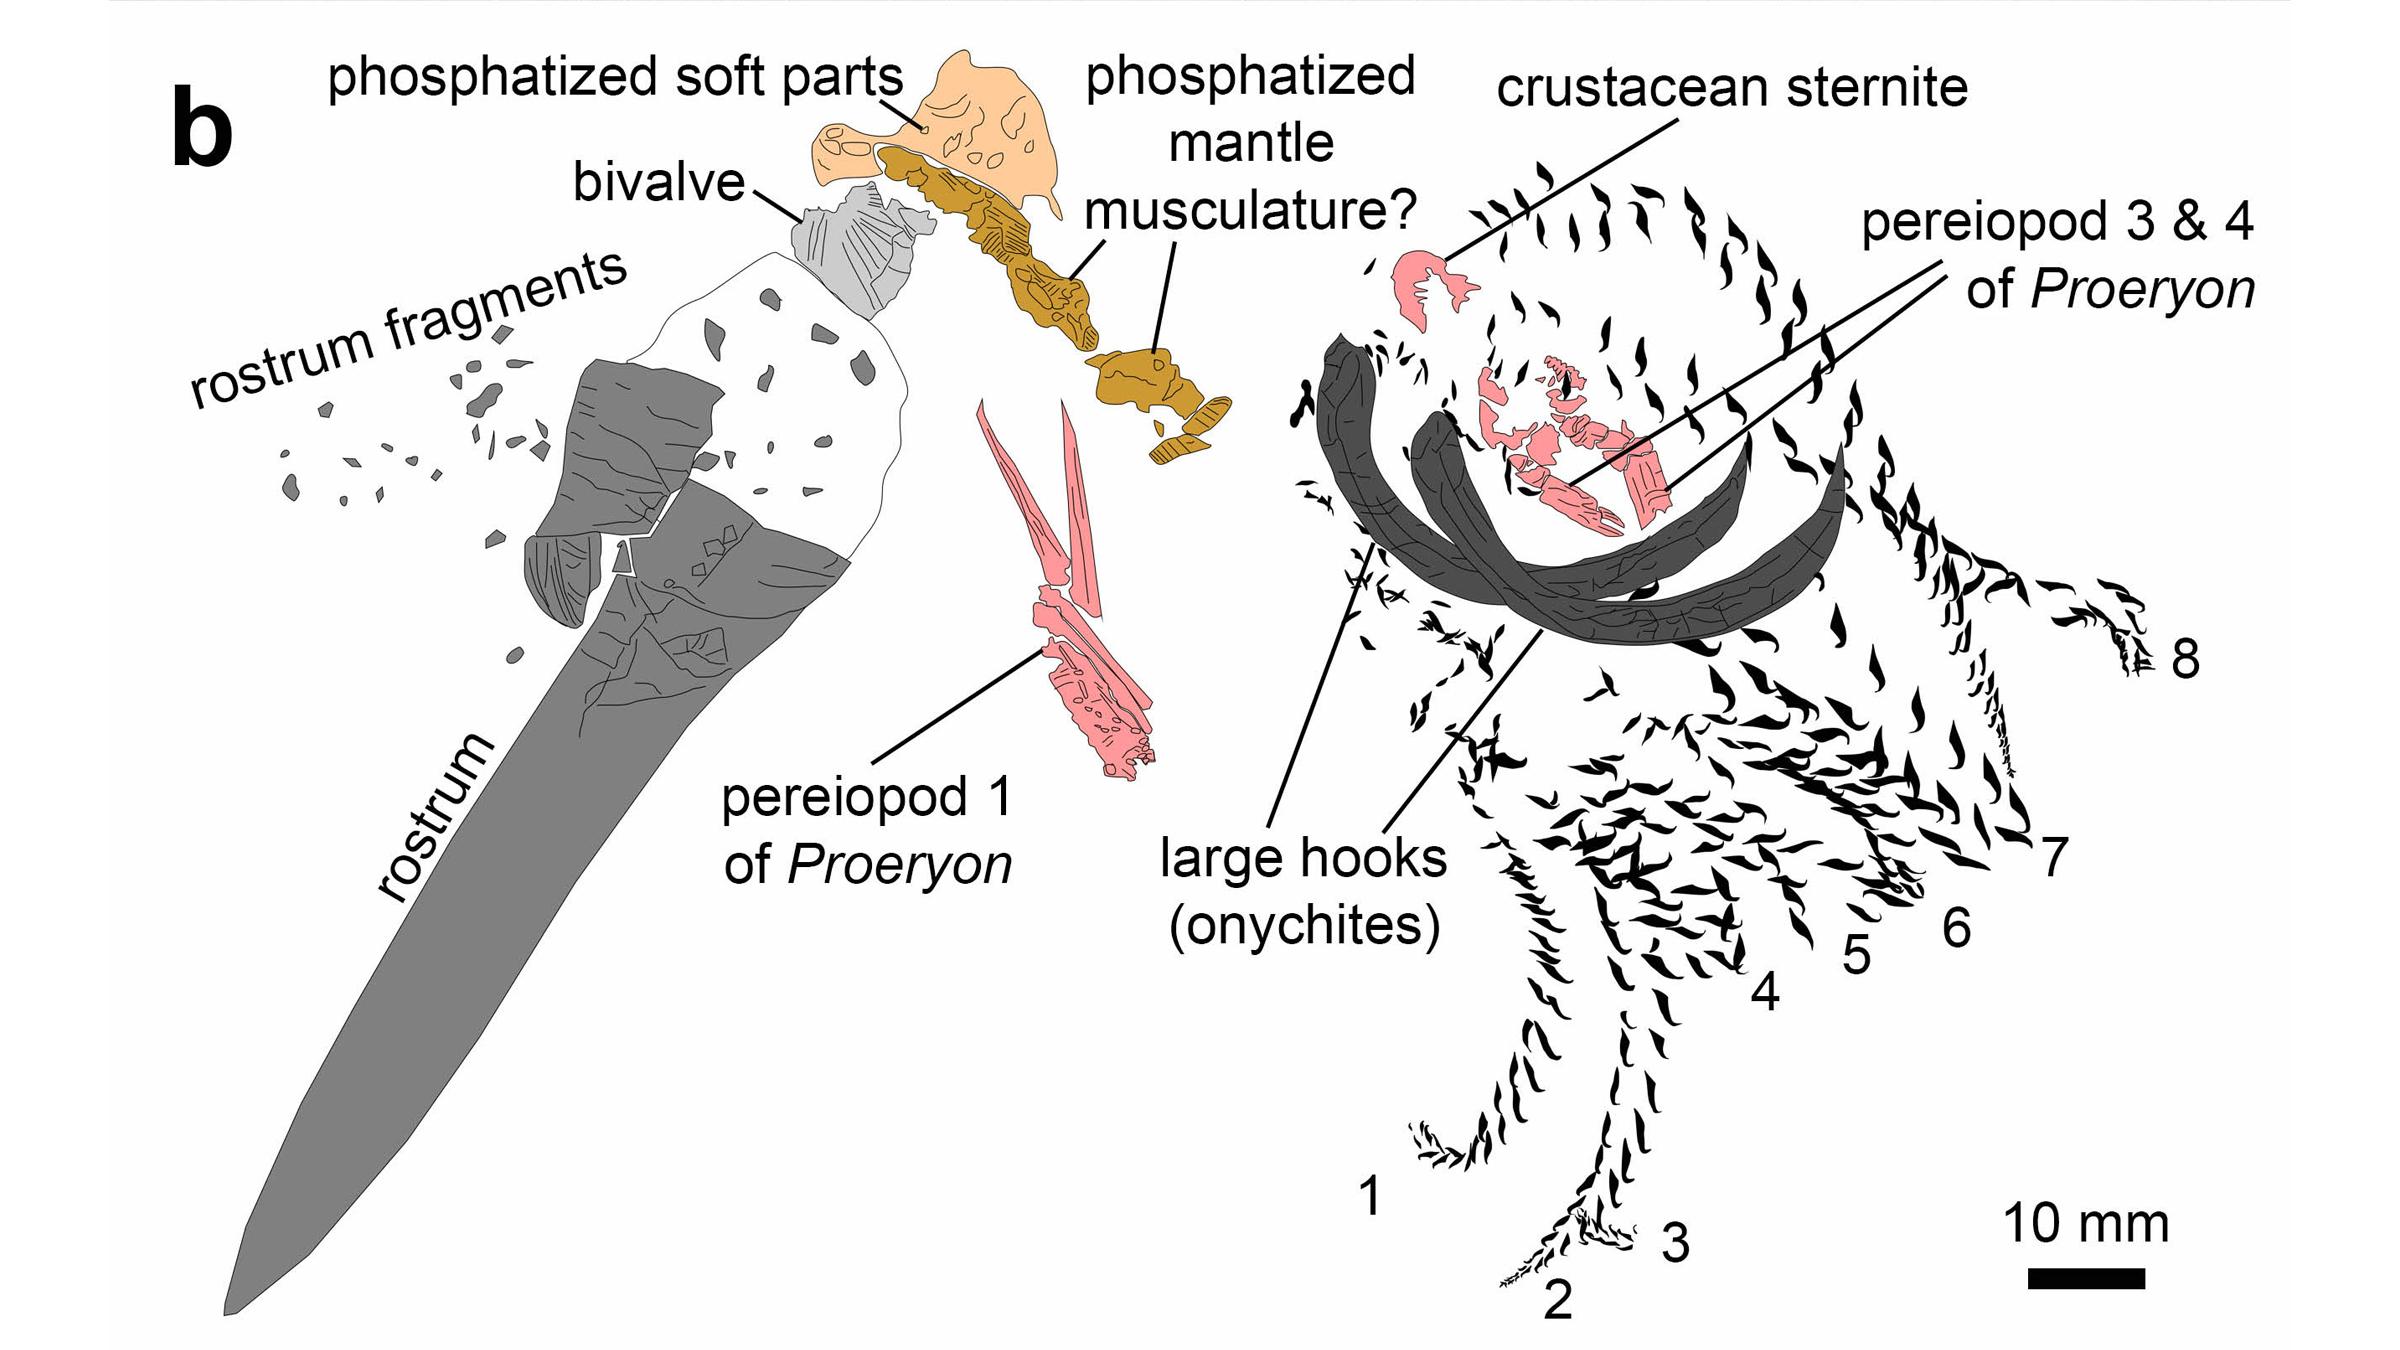 Une illustration des restes fossilisés.  Remarquez le rostre de la bélemnite (à gauche) et ses gros crochets (à droite).